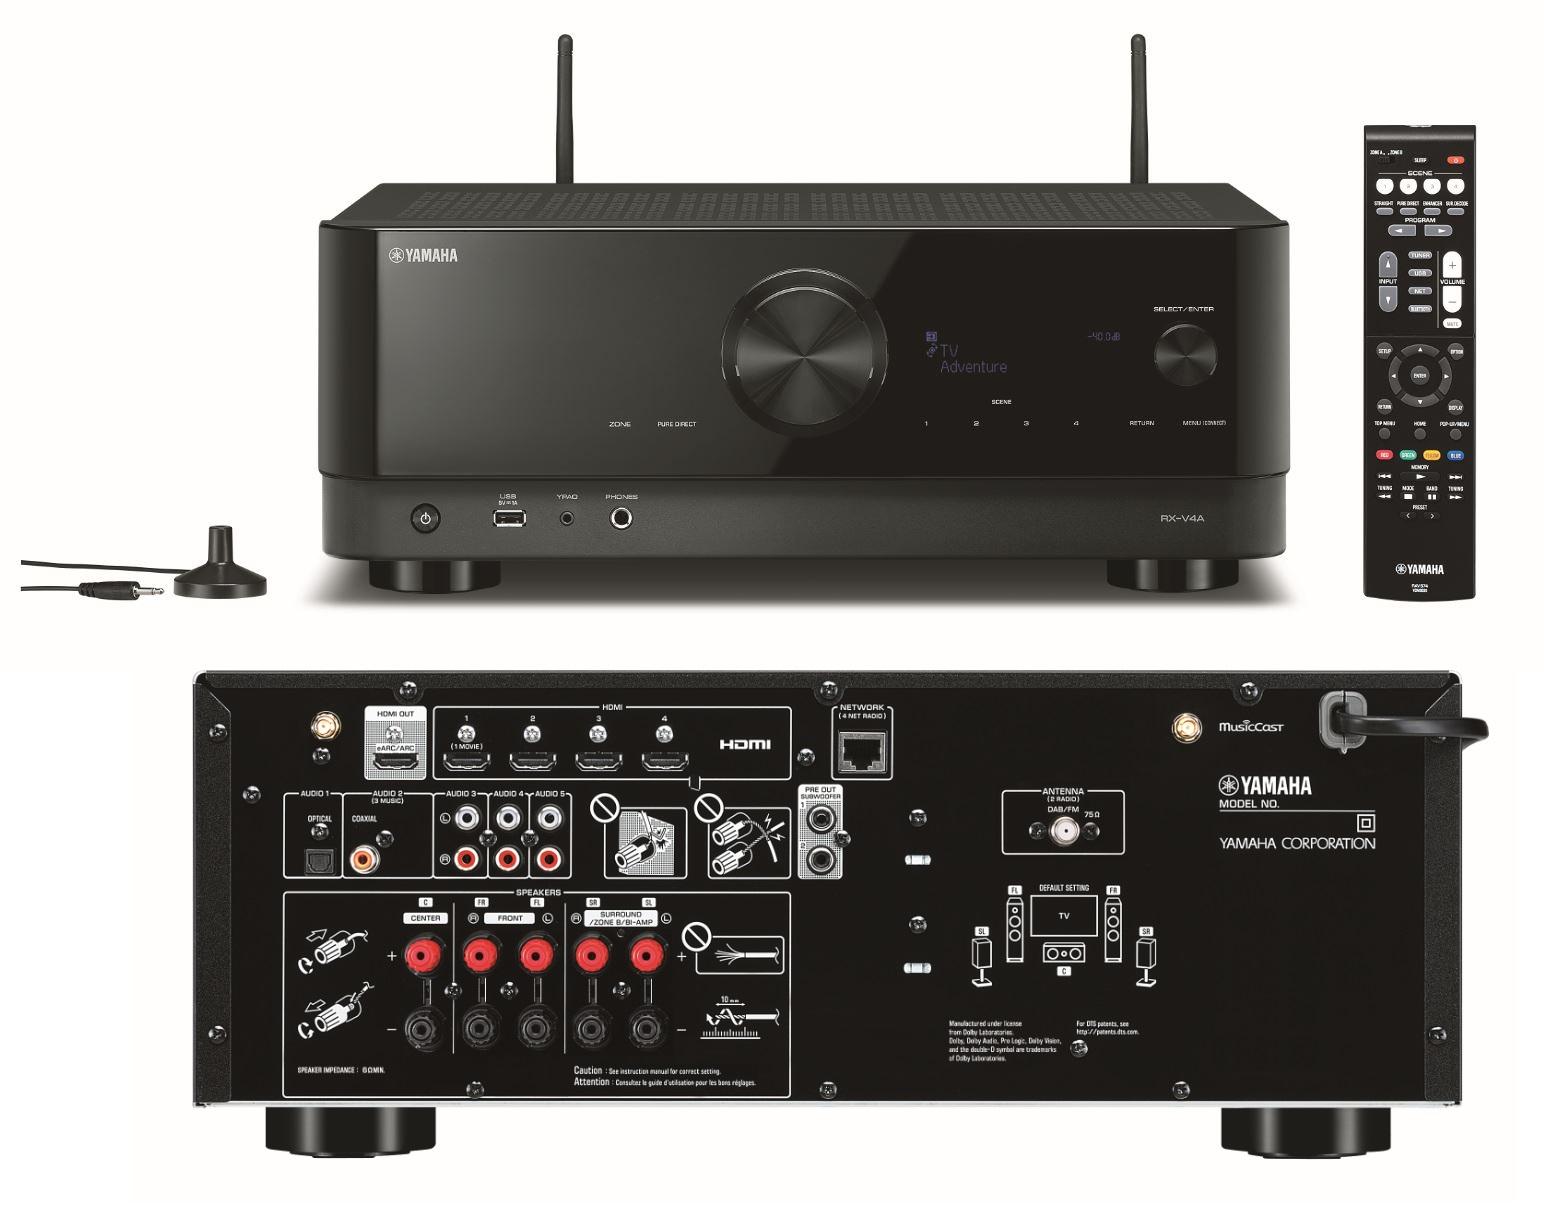 Yamaha Av receiver Rx-v4a